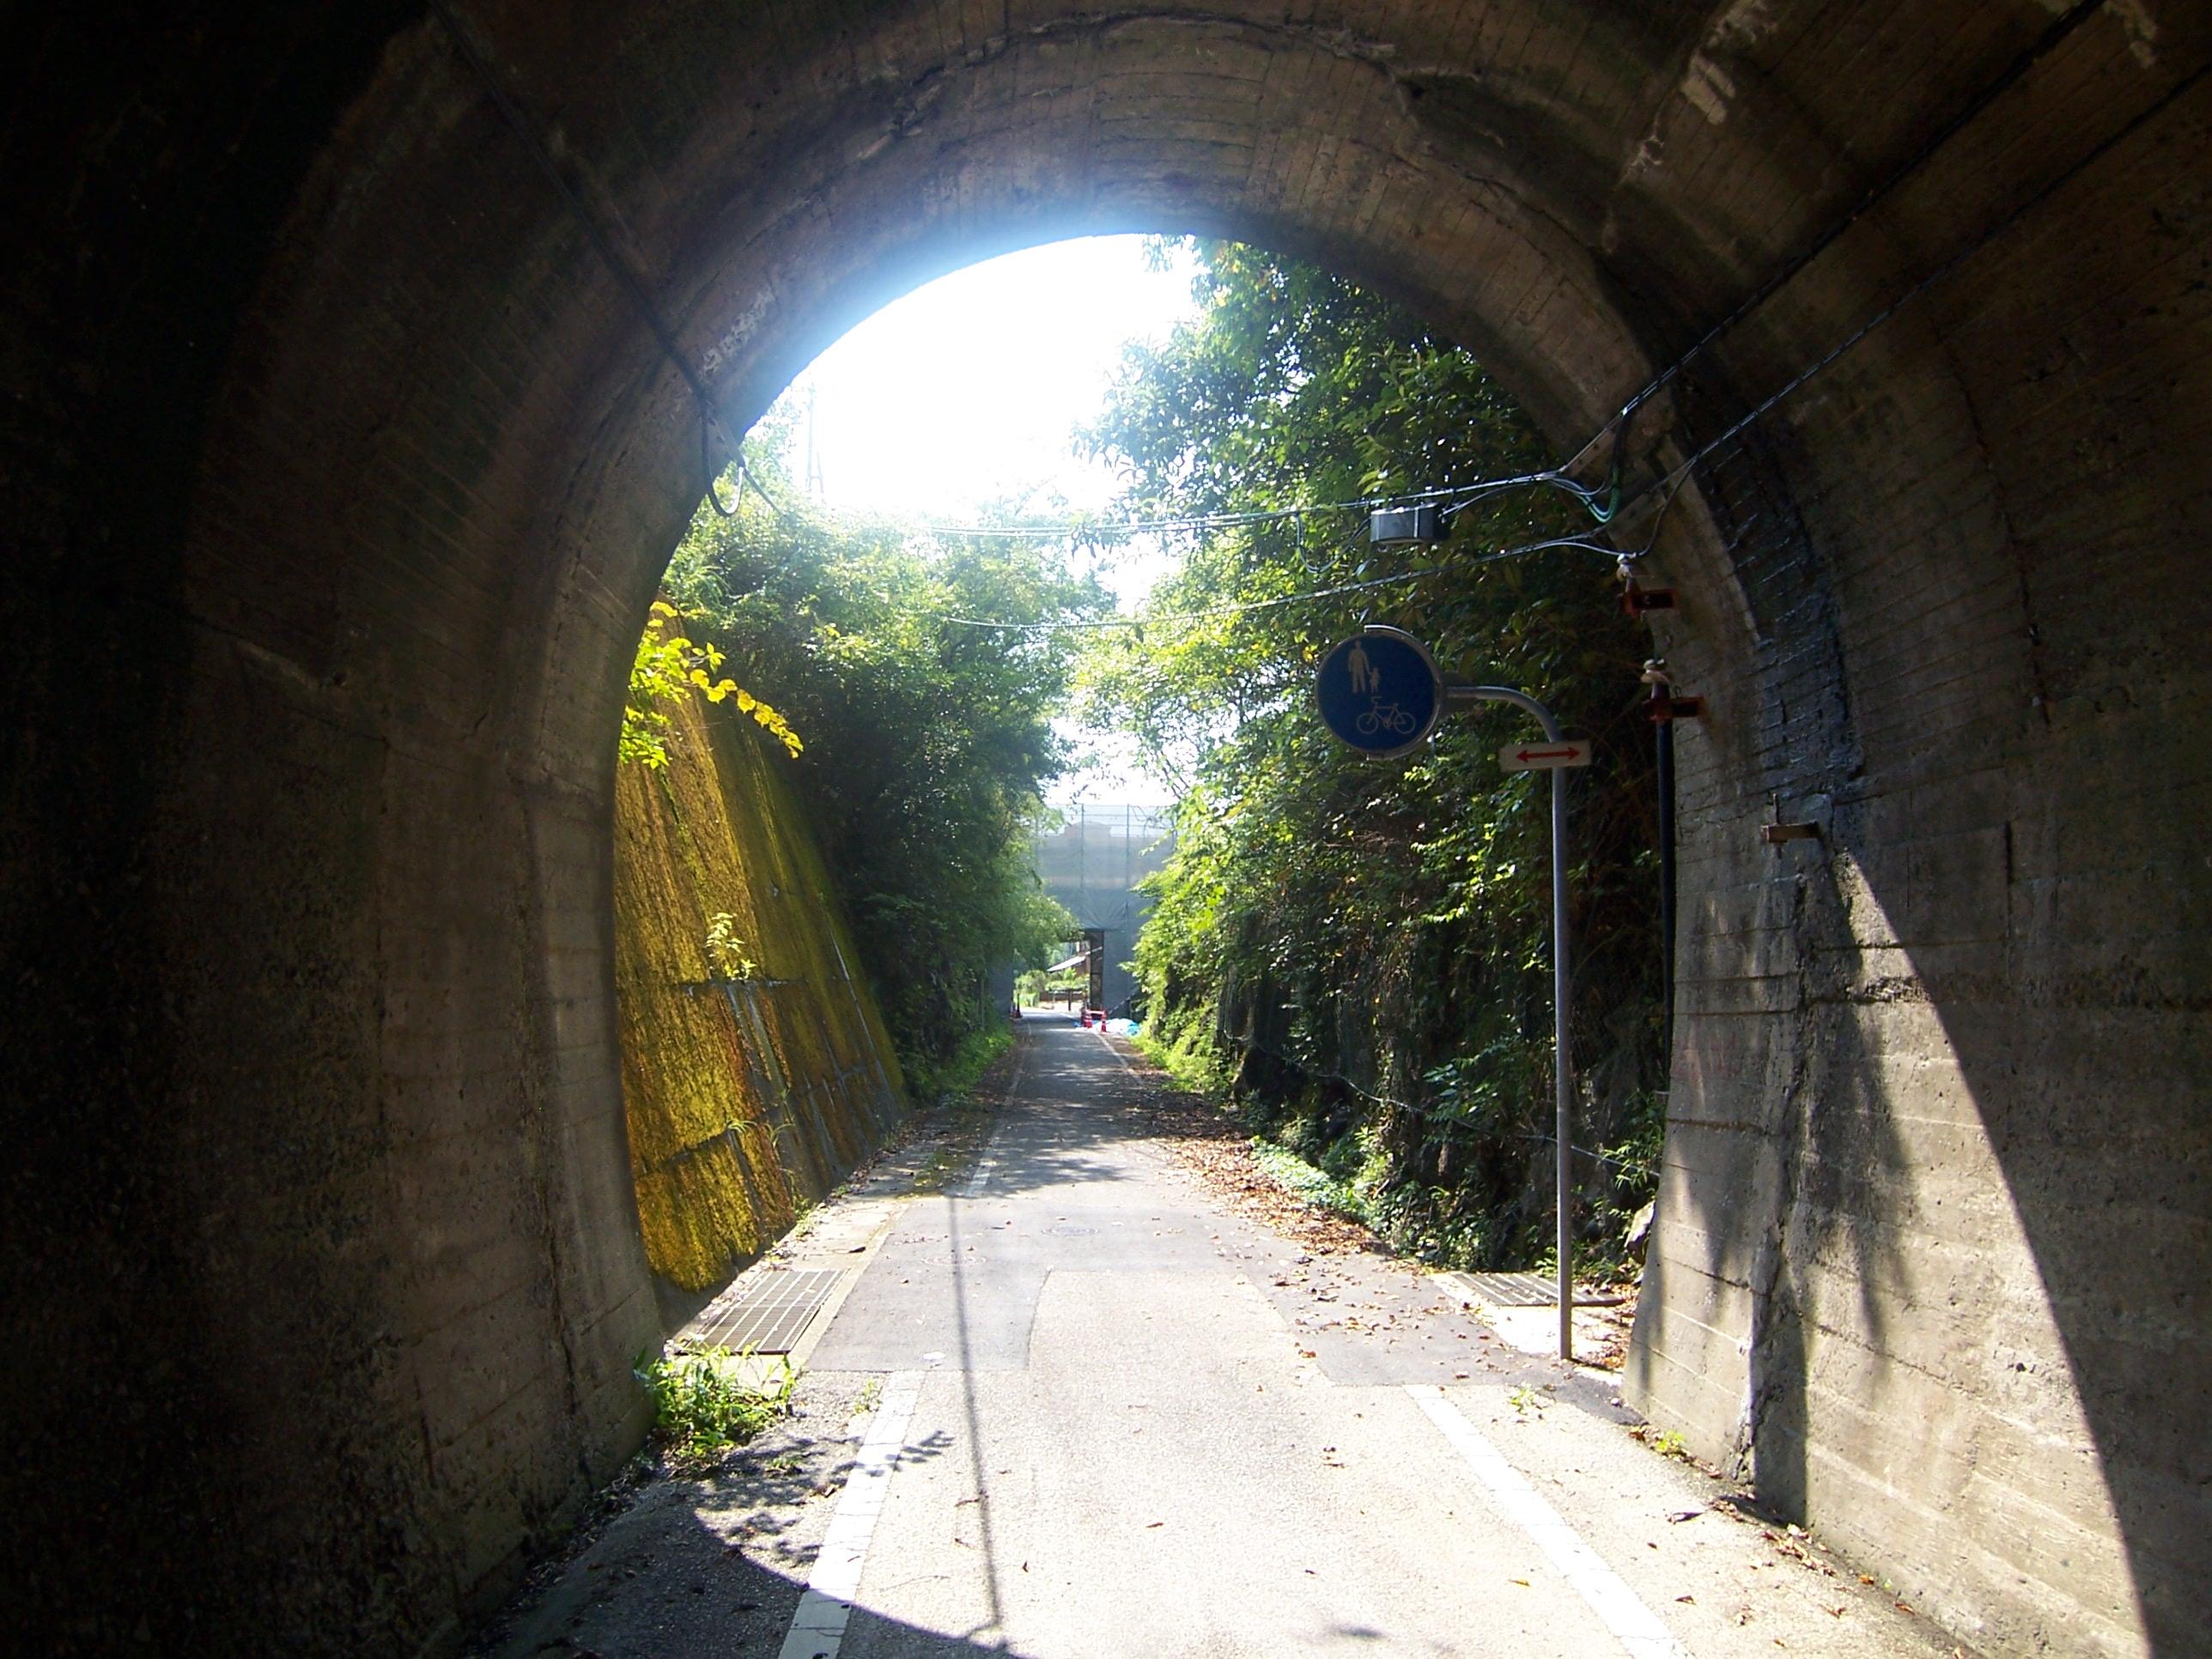 土佐電気鉄道安芸線 - Wikipedia